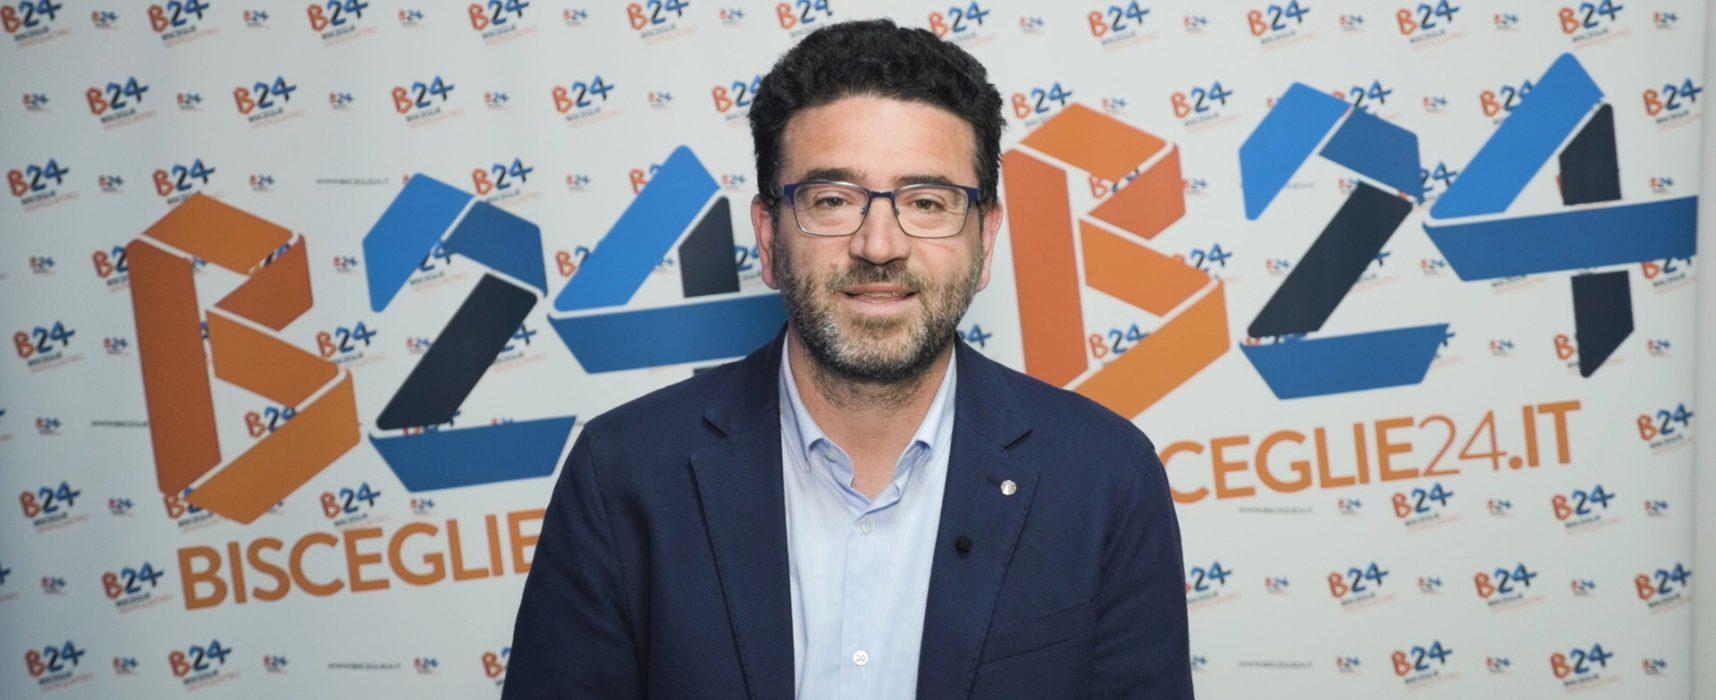 """""""Consiglieri 24"""", la rubrica per conoscere i candidati / Mauro Lorusso – VIDEO"""